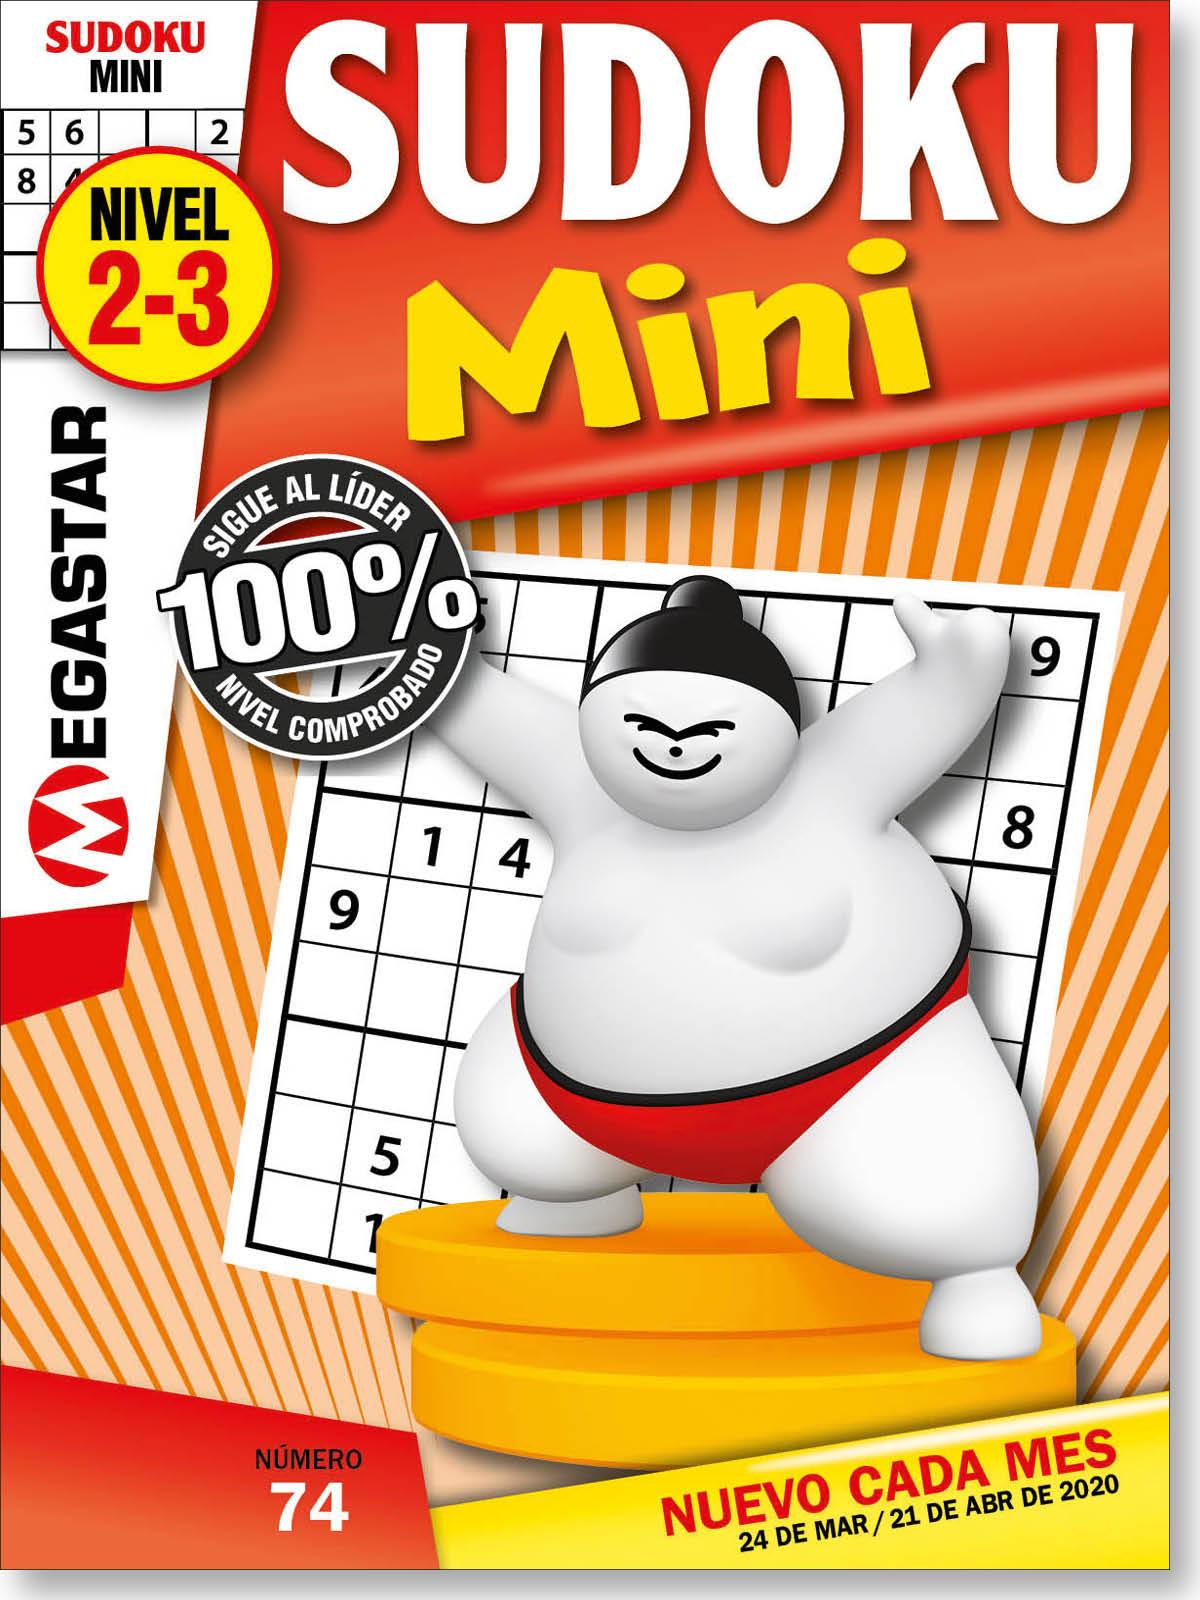 Sudoku Mini Nivel 2-3